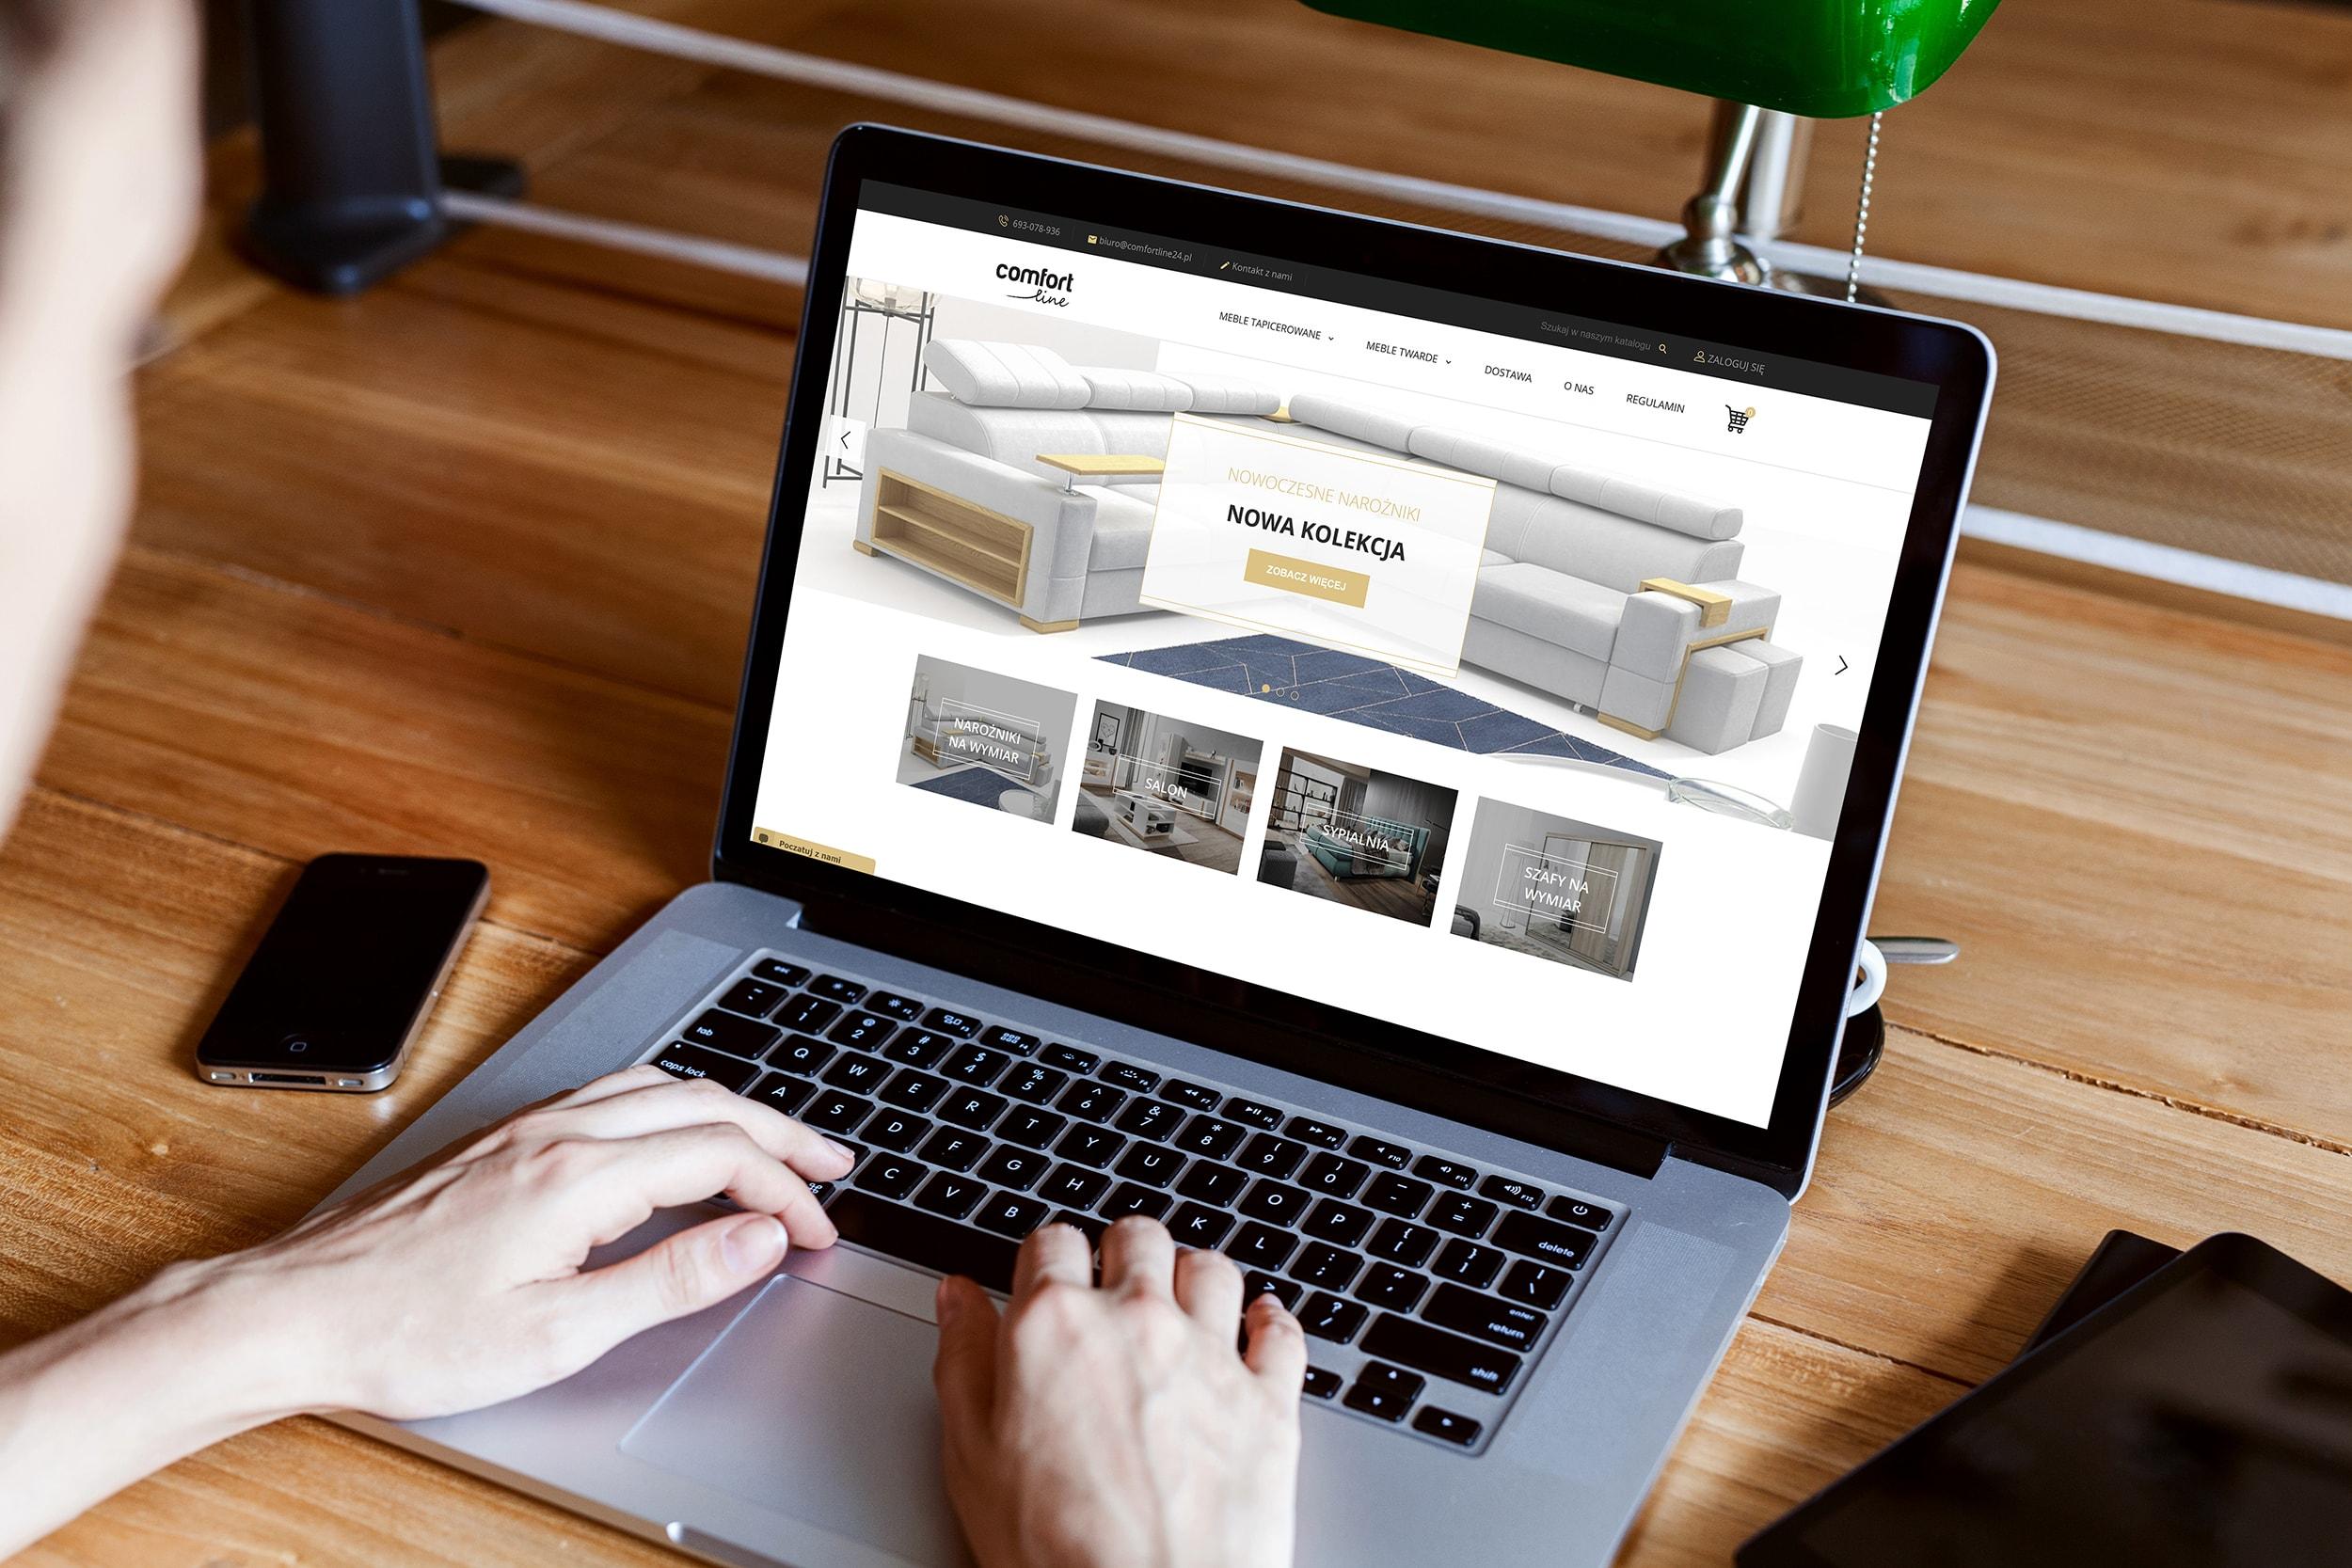 screenshot - sklep internetowy comfortline24.pl